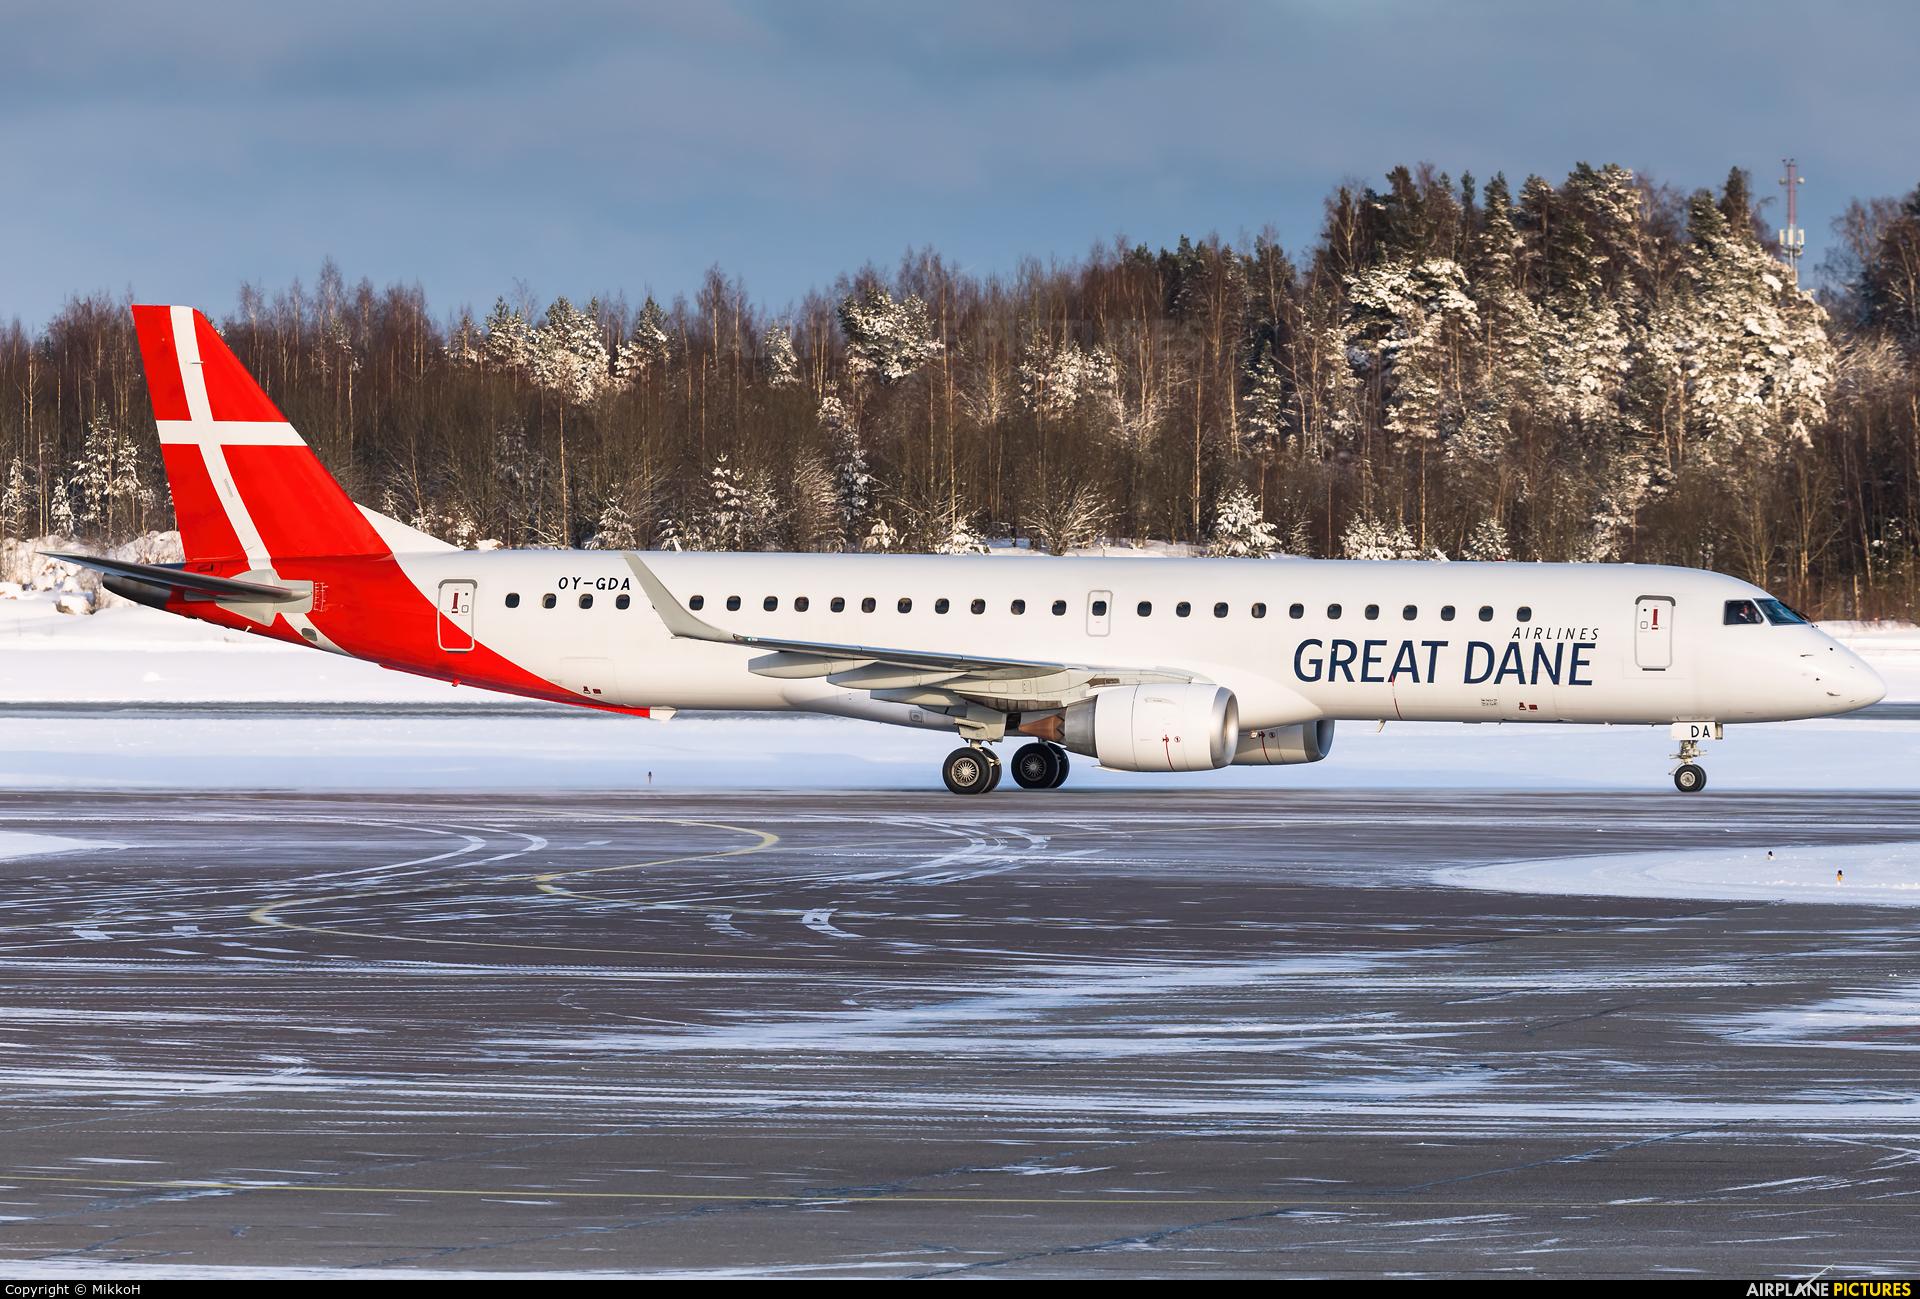 Great Dane Airlines OY-GDA aircraft at Helsinki - Vantaa